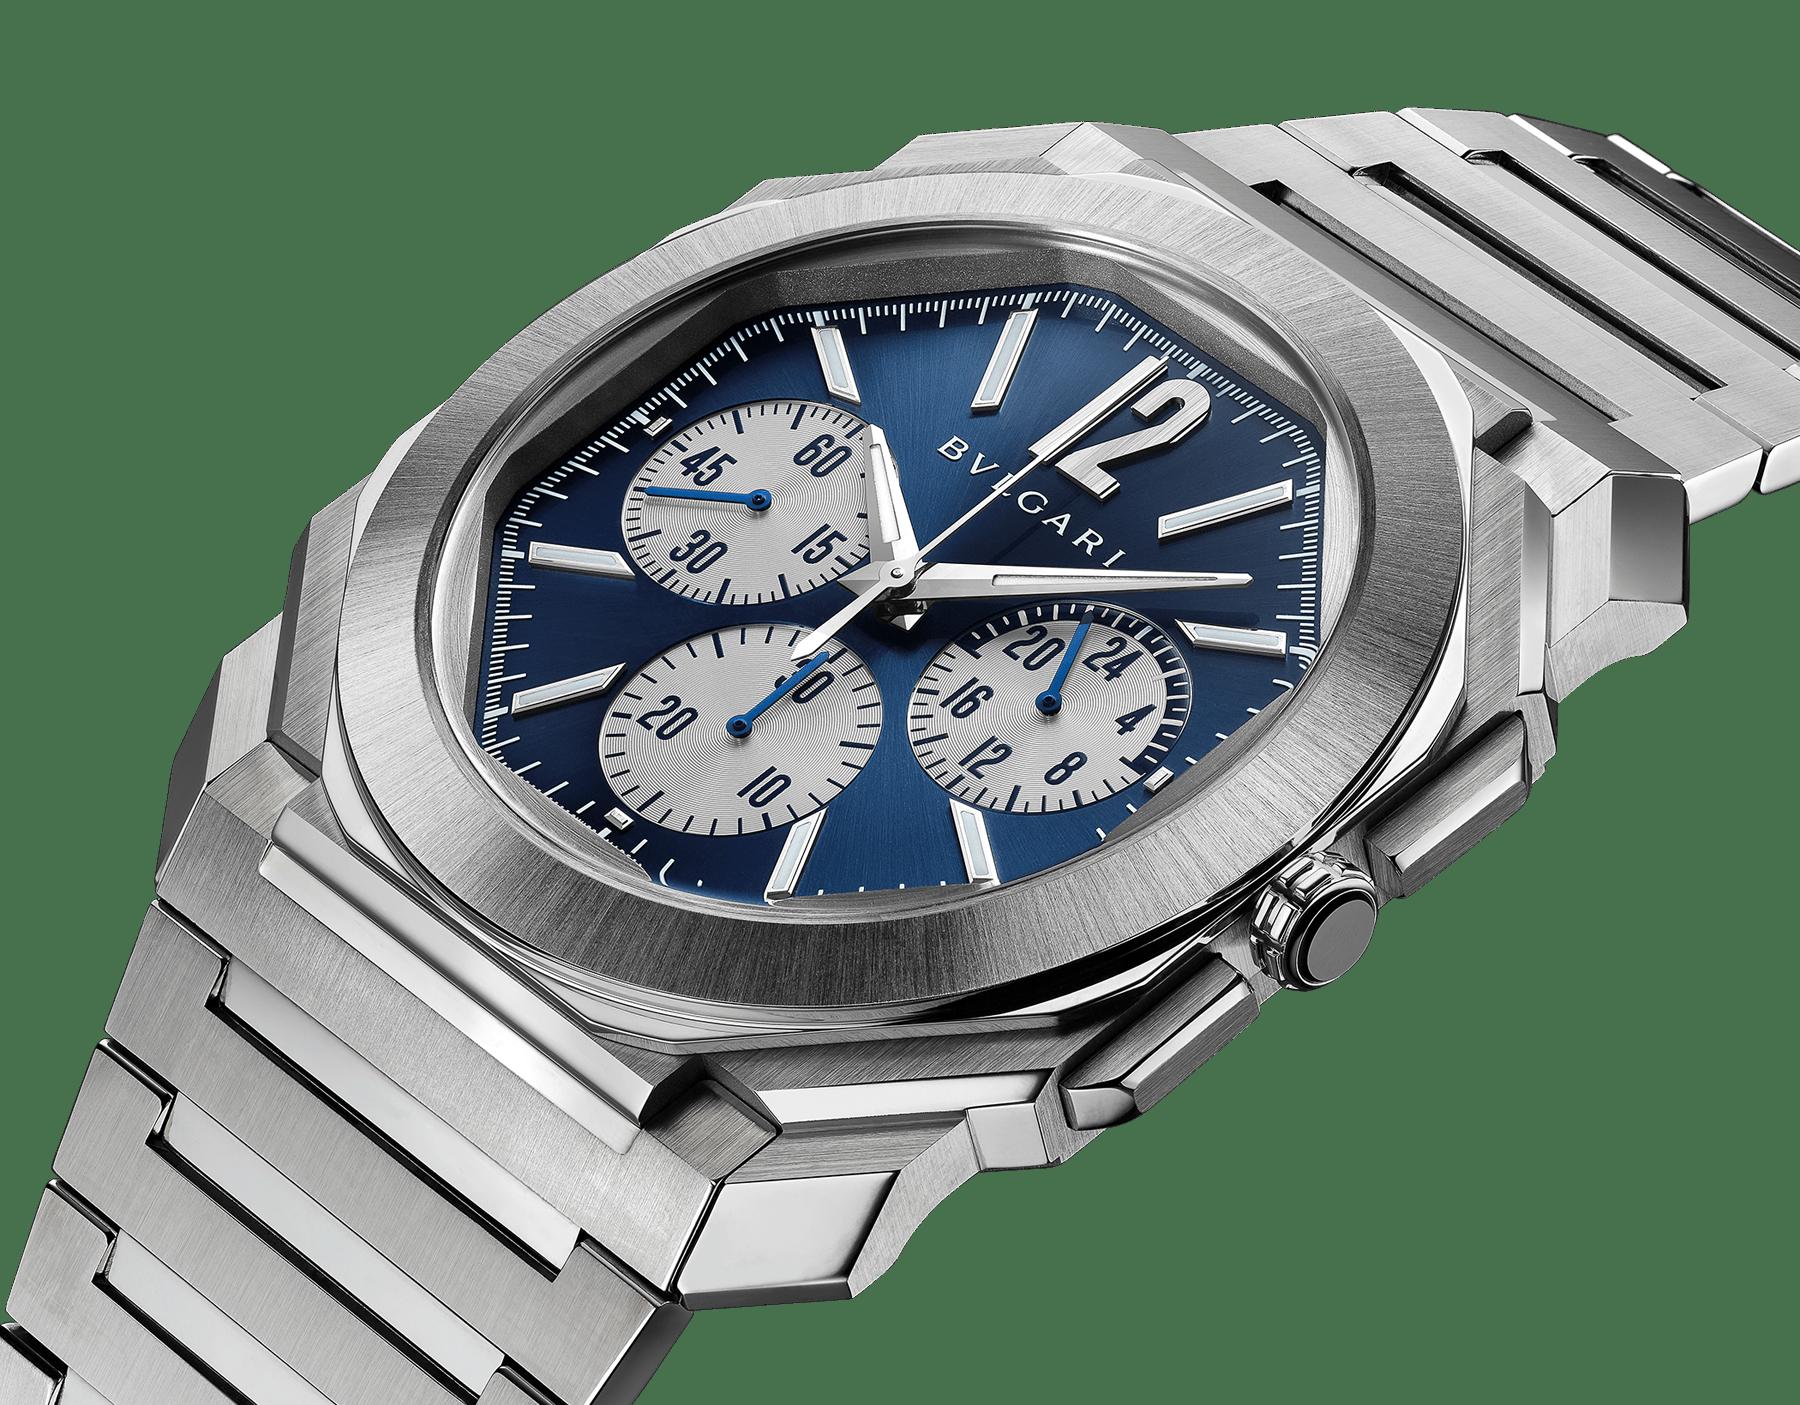 Chronographe OctoFinissimo GMT avec mouvement mécanique de manufacture à remontage automatique, fonctions chronographe et GMT 24heures, boîtier de 43mm en acier inoxydable (8,75mm d'épaisseur), fond transparent, cadran bleu avec finitions polies satinées et compteurs argentés, bracelet en acier inoxydable poli satiné. Étanche jusqu'à 100mètres. 103467 image 2